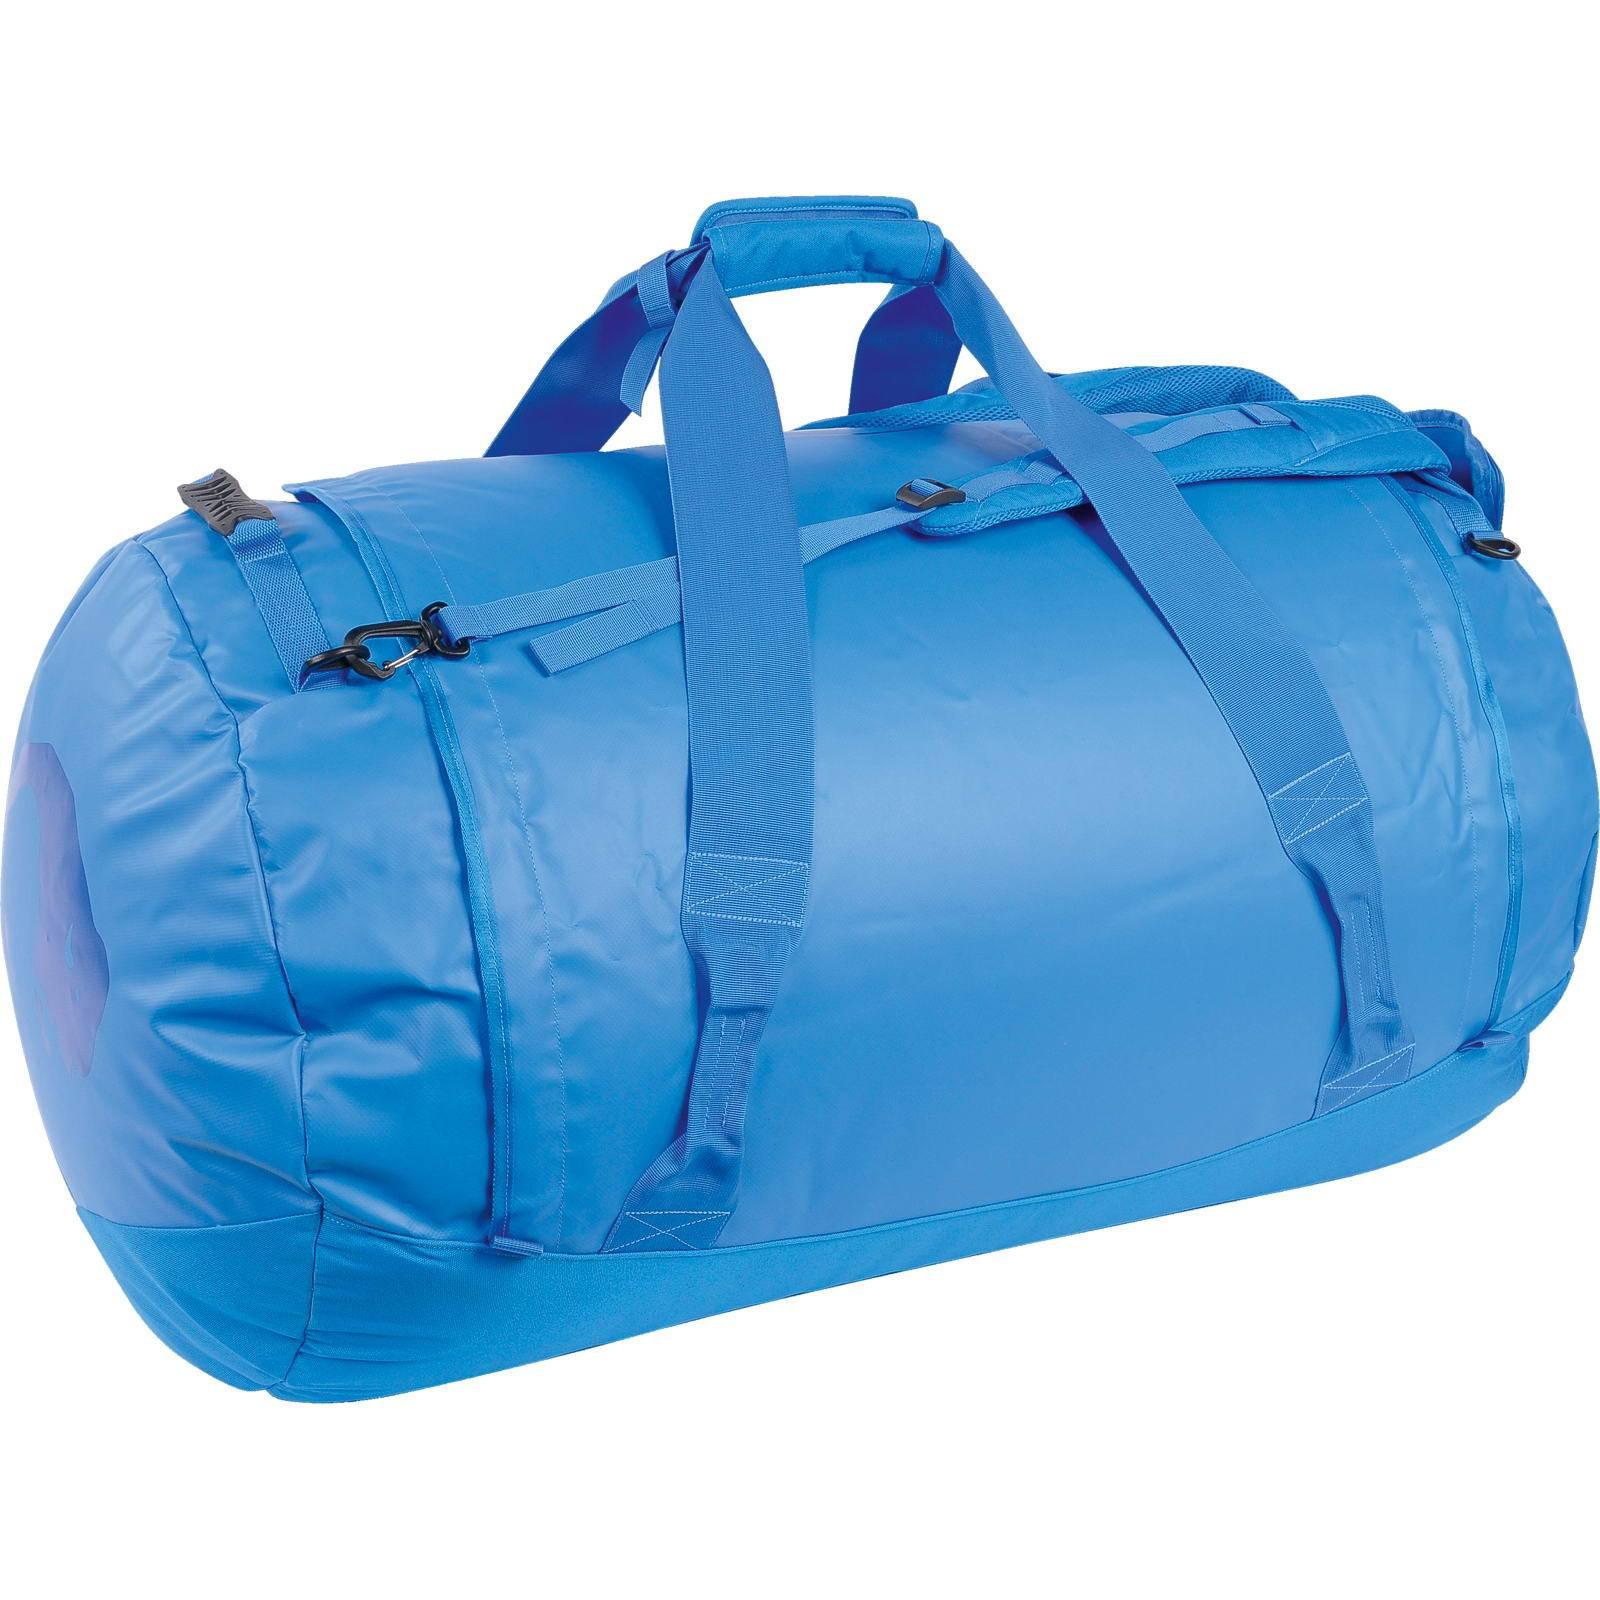 Tatonka Barrel XXL - Reisetasche bright blue II - Bild 4